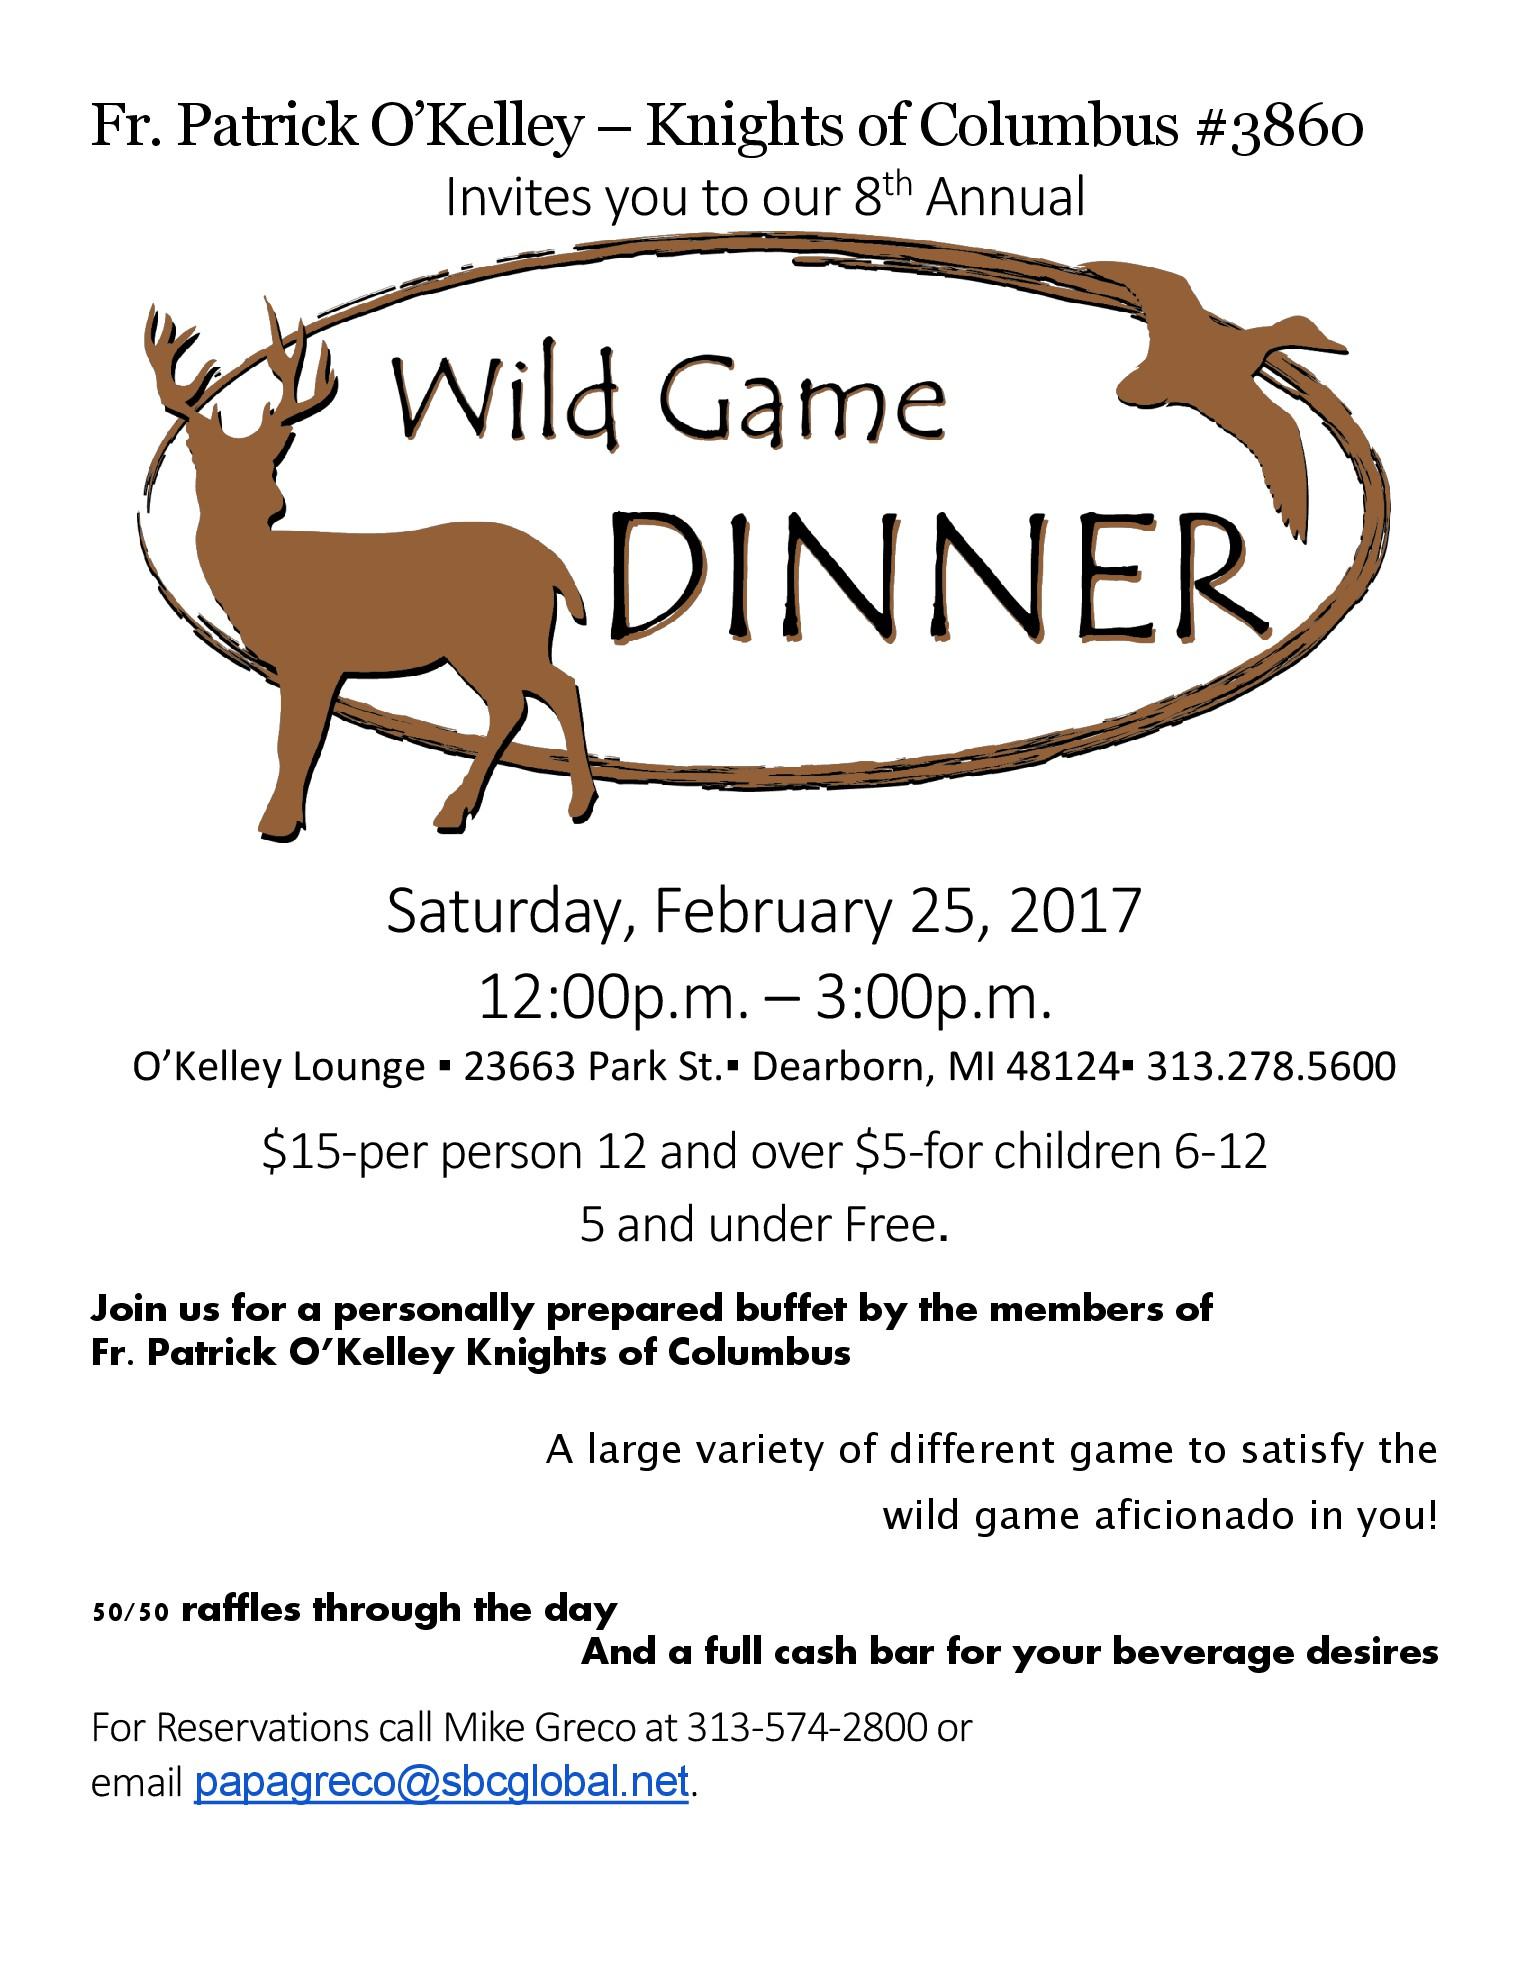 Wild Game Dinner 2017 Flyer.jpg